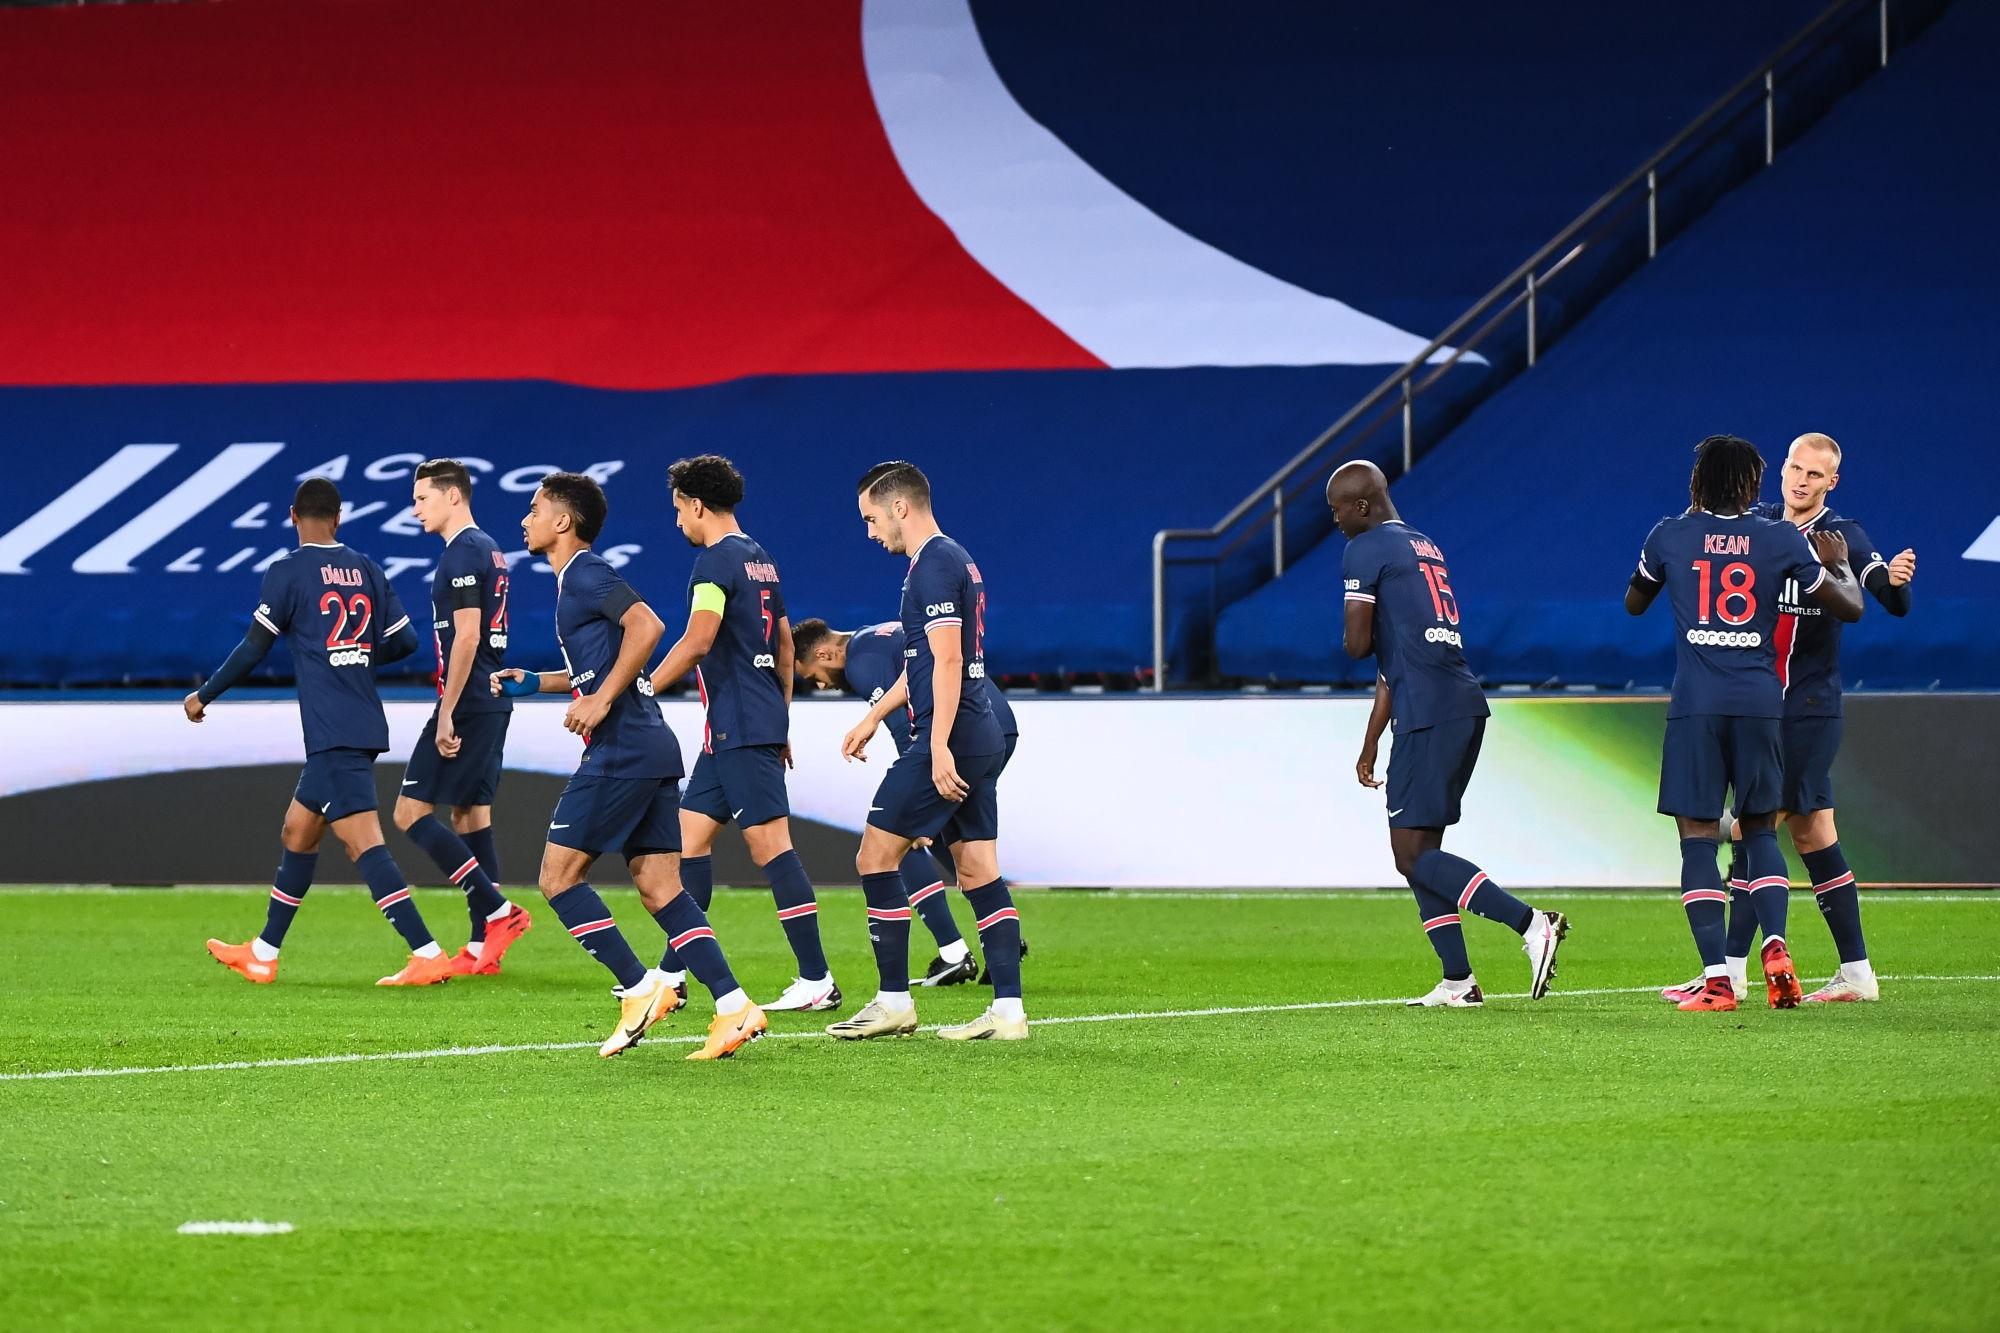 PSG/Dijon - Quel joueur a été le meilleur Parisien selon vous ?